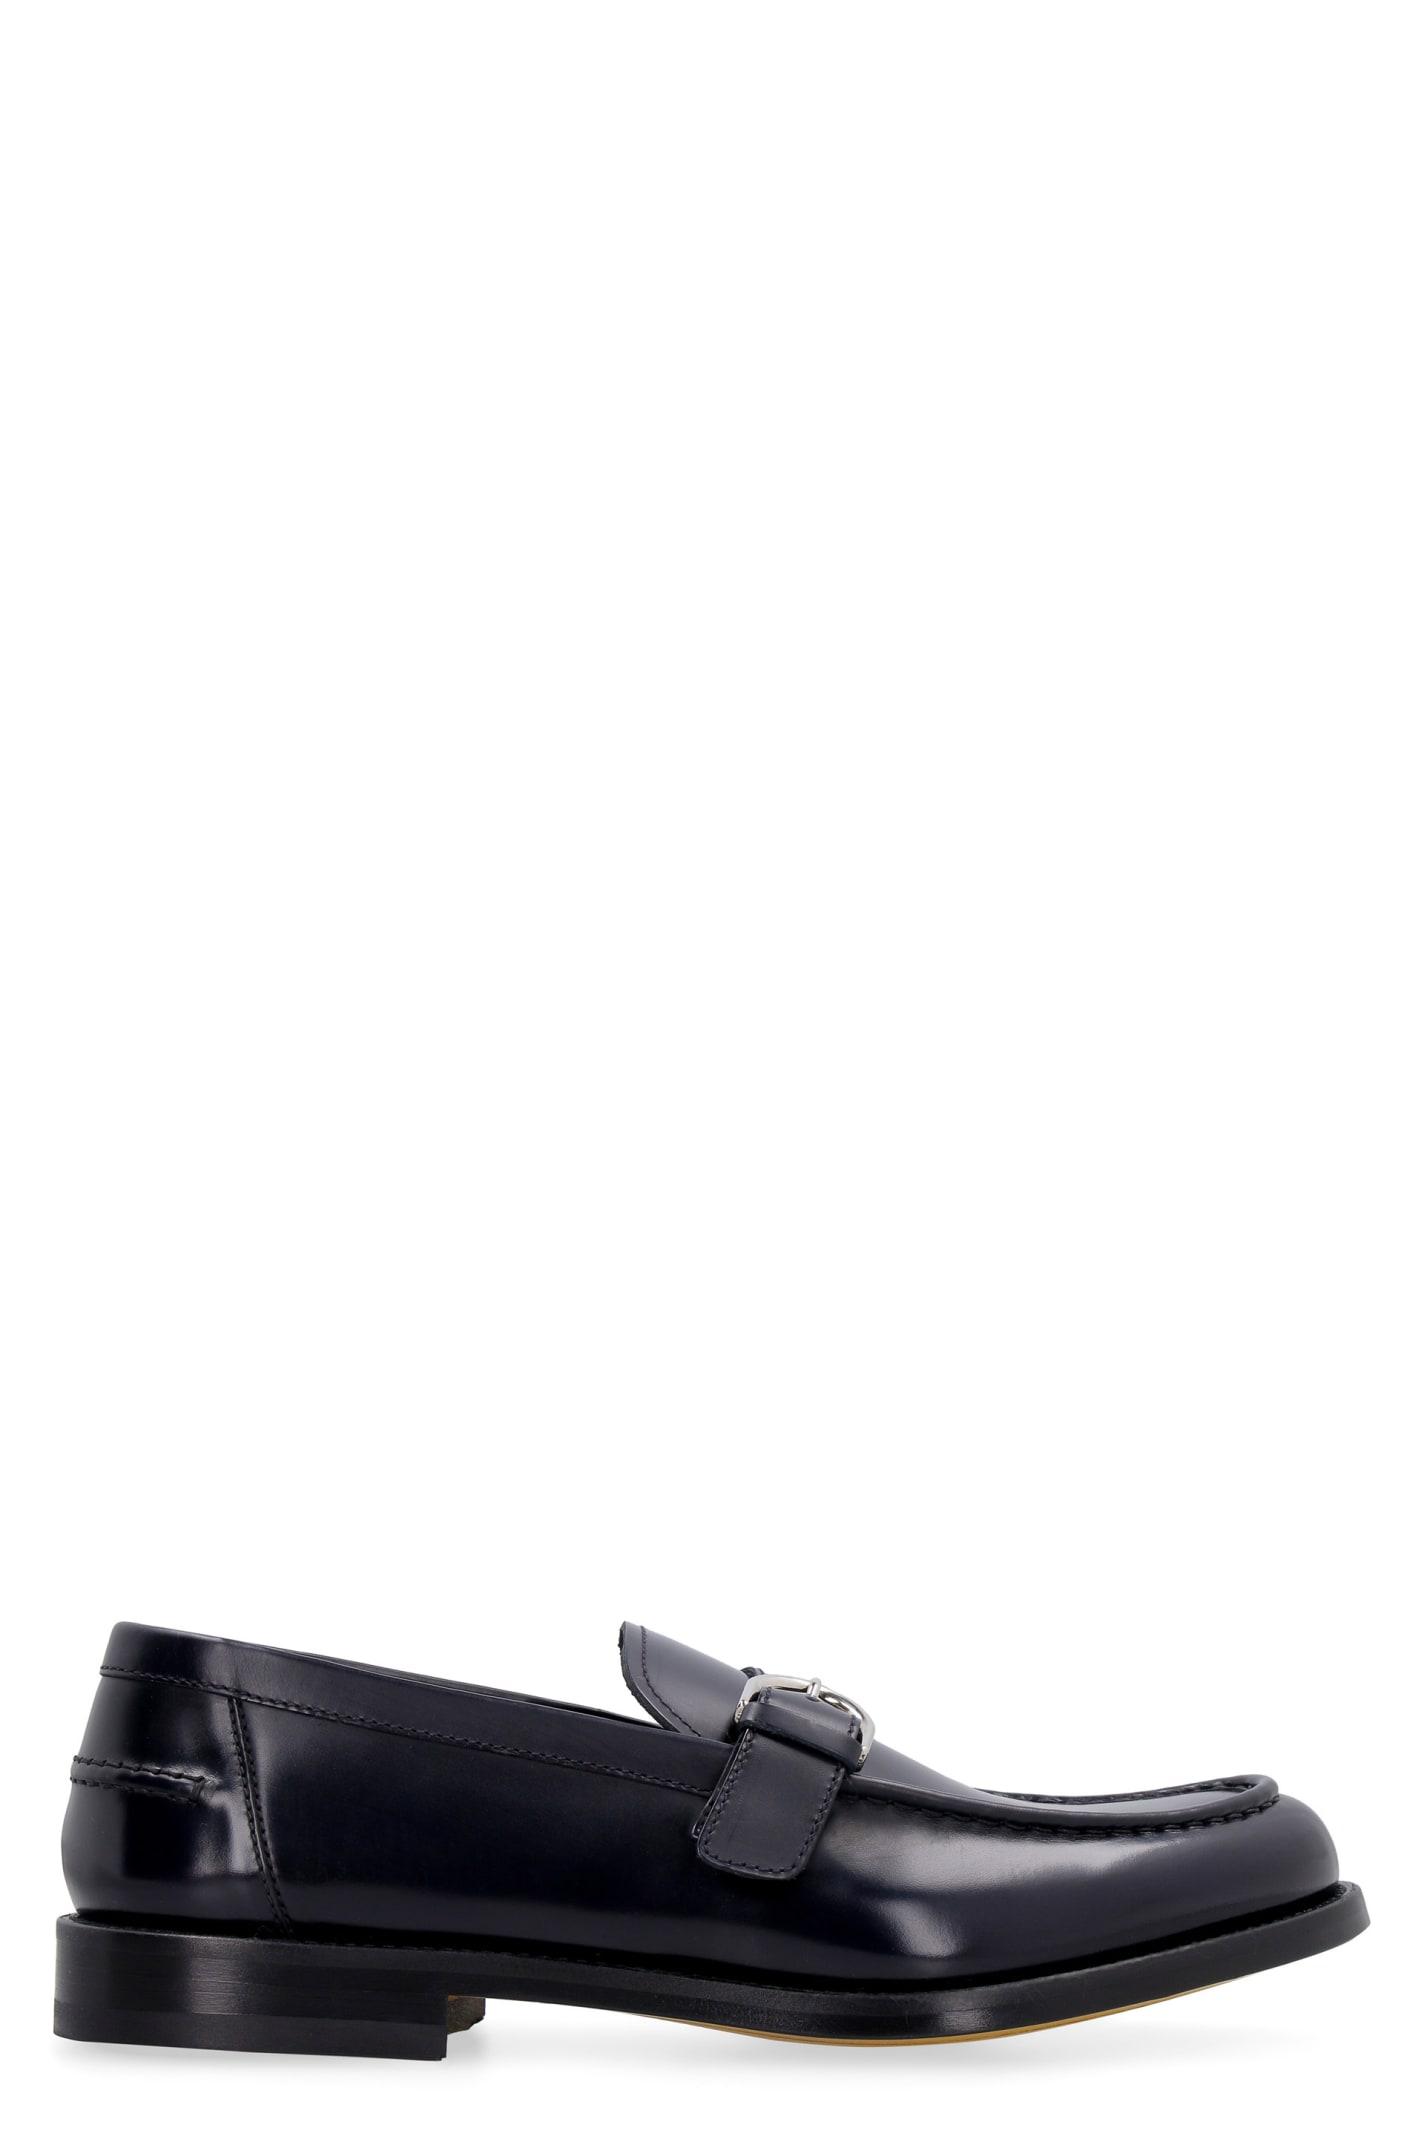 Doucals Calfskin Loafers